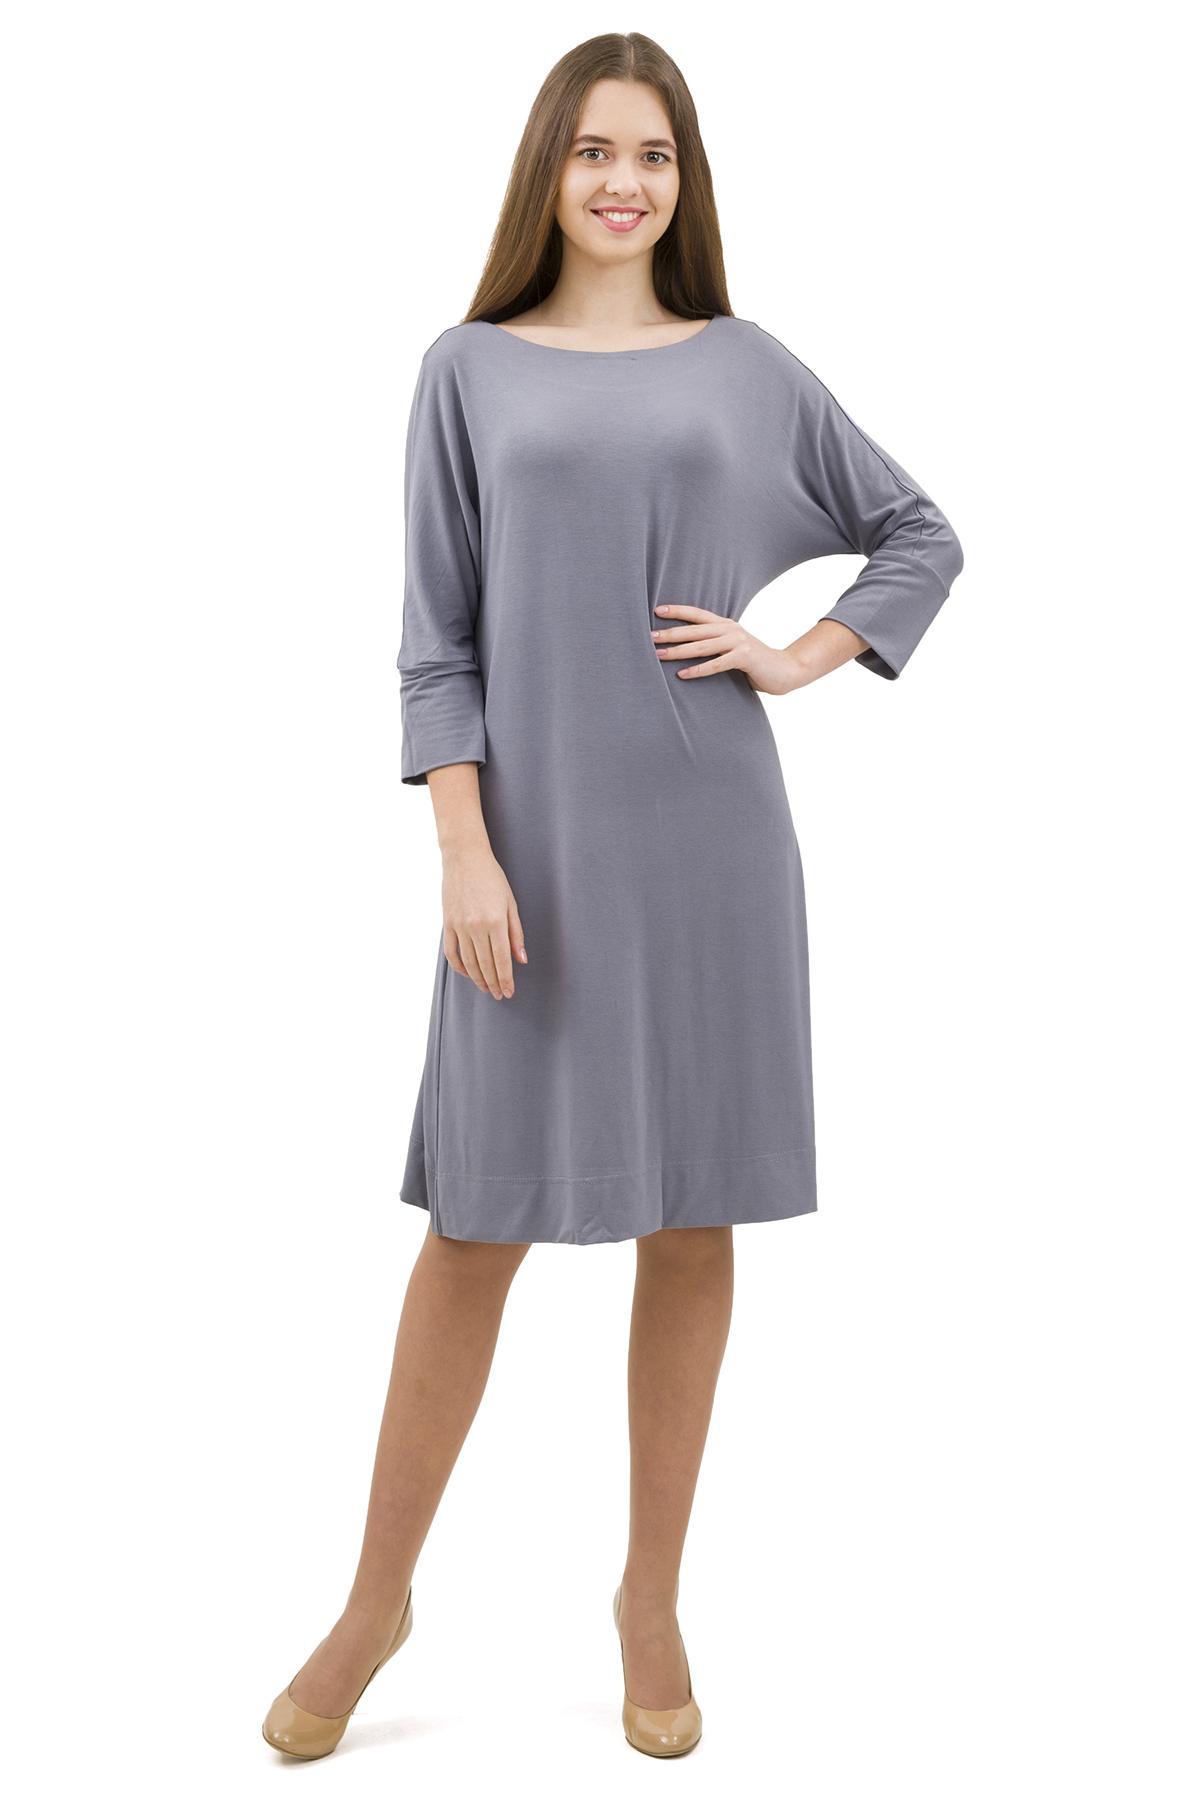 ПлатьеПлатья,  сарафаны<br>Стильное платье выполнено из высококачественного трикотажа. Данная модель удачно подчеркнет красоту Вашей фигуры, а яркая расцветка  не оставит Вас незамеченной.<br><br>Цвет: серый<br>Состав: 92% вискоза; 8% эластан<br>Размер: 40,42,44,46,48,50,52,54,56,58,60<br>Страна дизайна: Россия<br>Страна производства: Россия